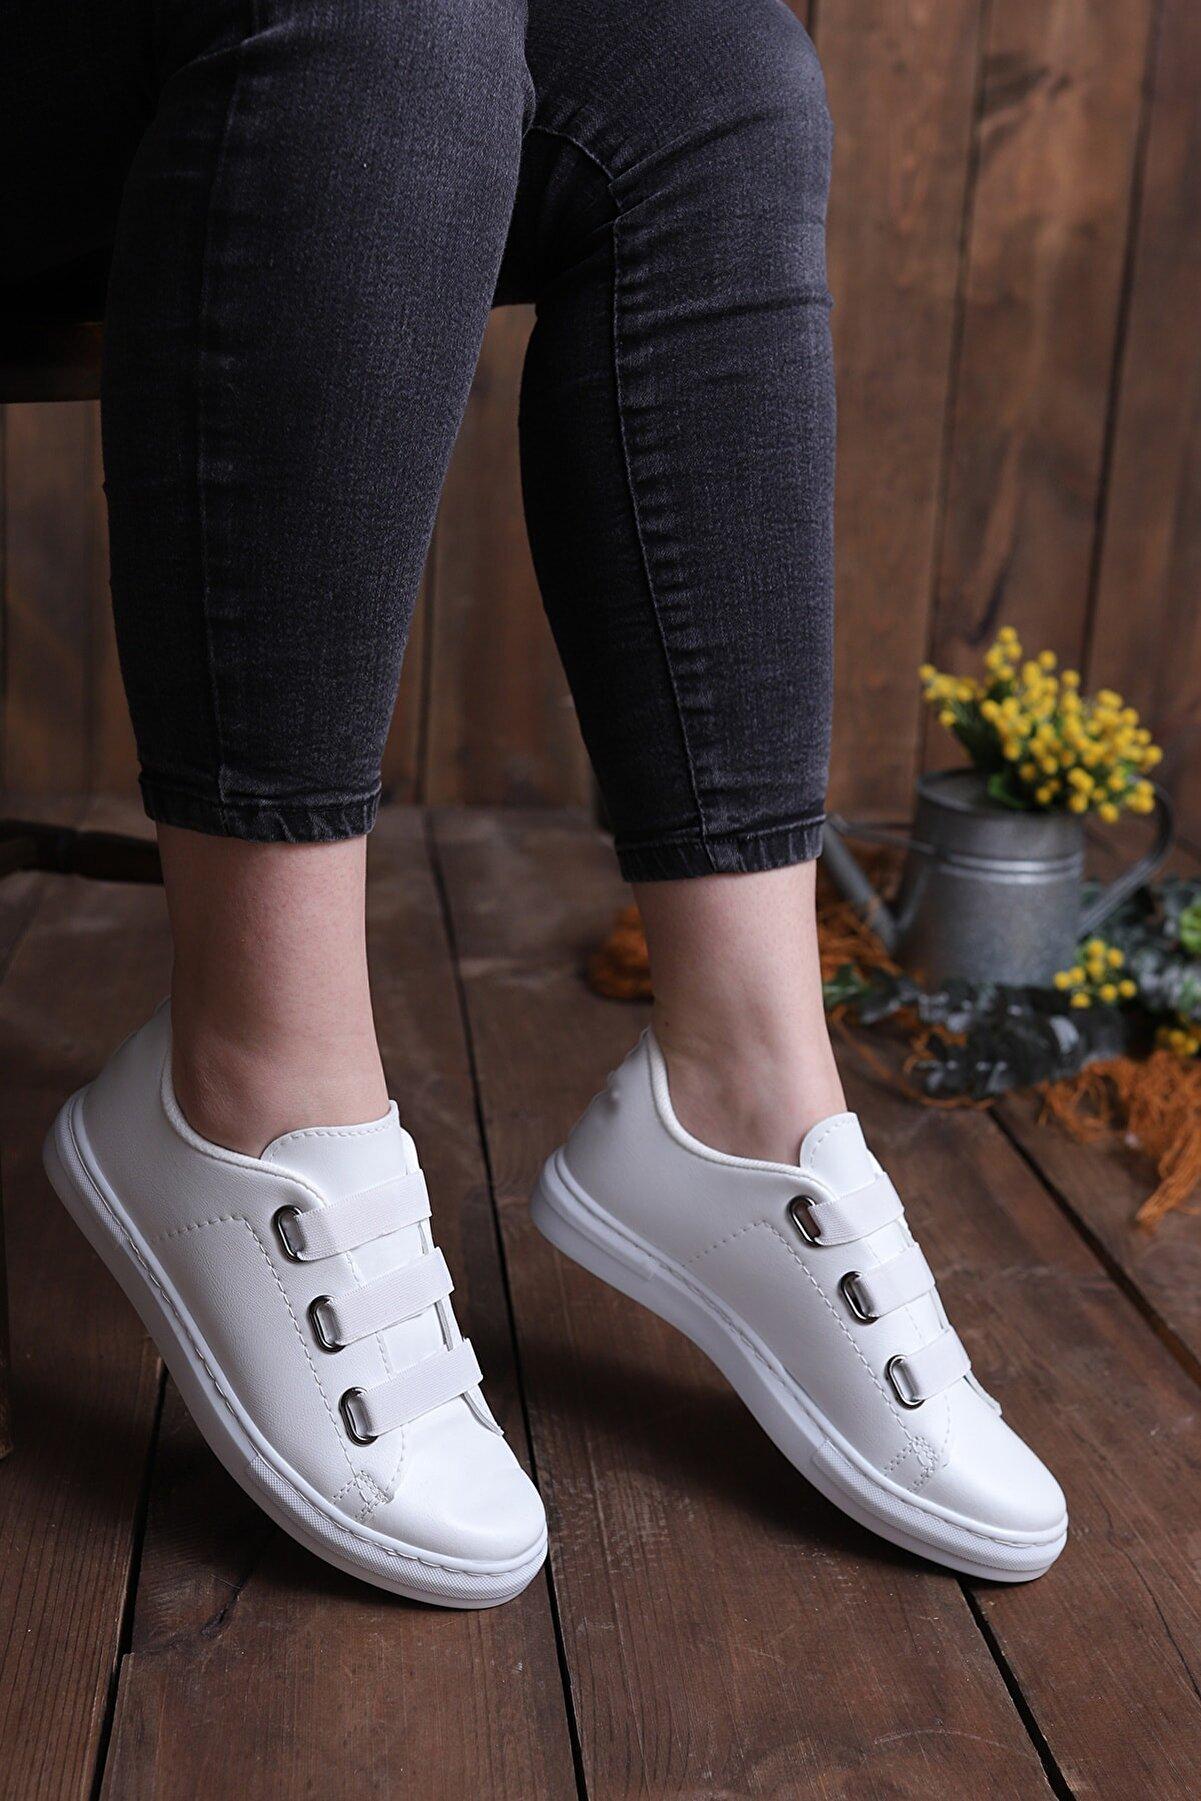 pasyone Kadın Beyaz Lastikli Casual Günlük Ayakkabı